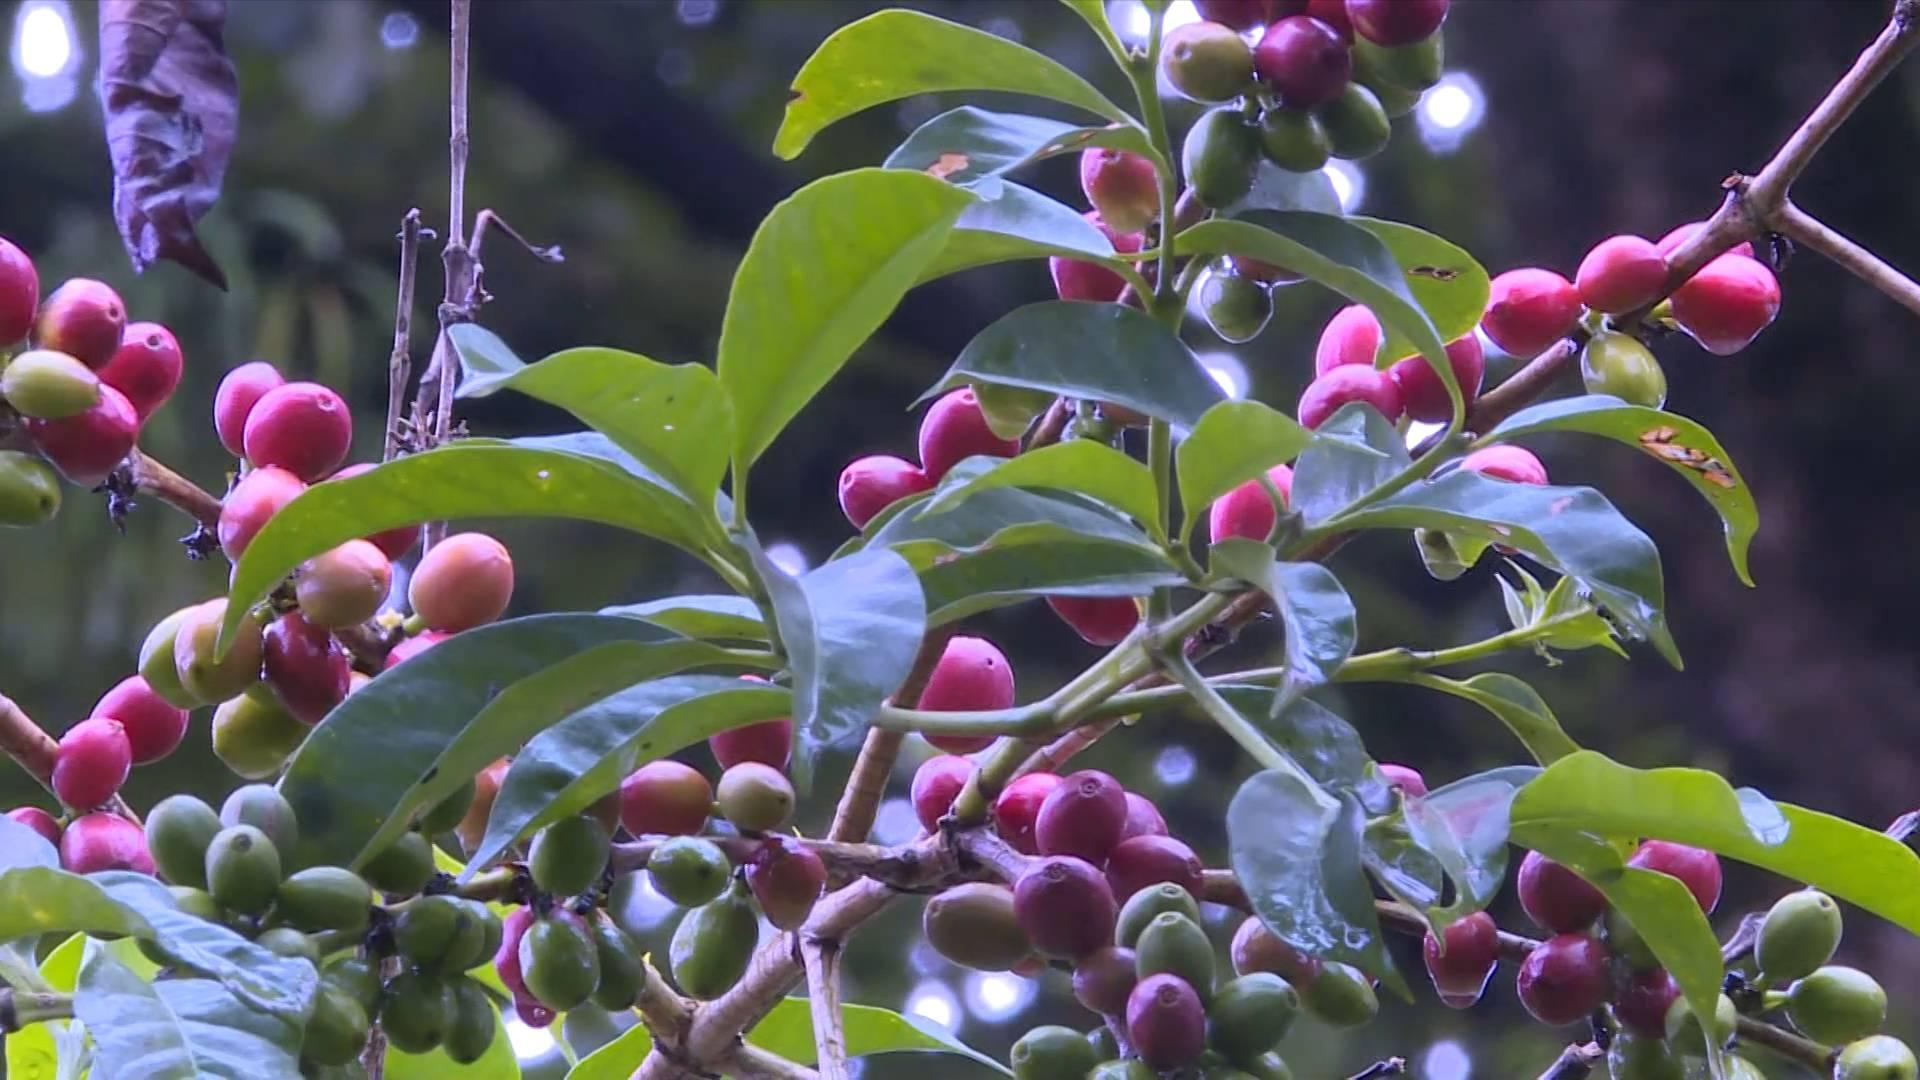 GLOBALink   CIIE brings huge opportunity: Ethiopian coffee exporters